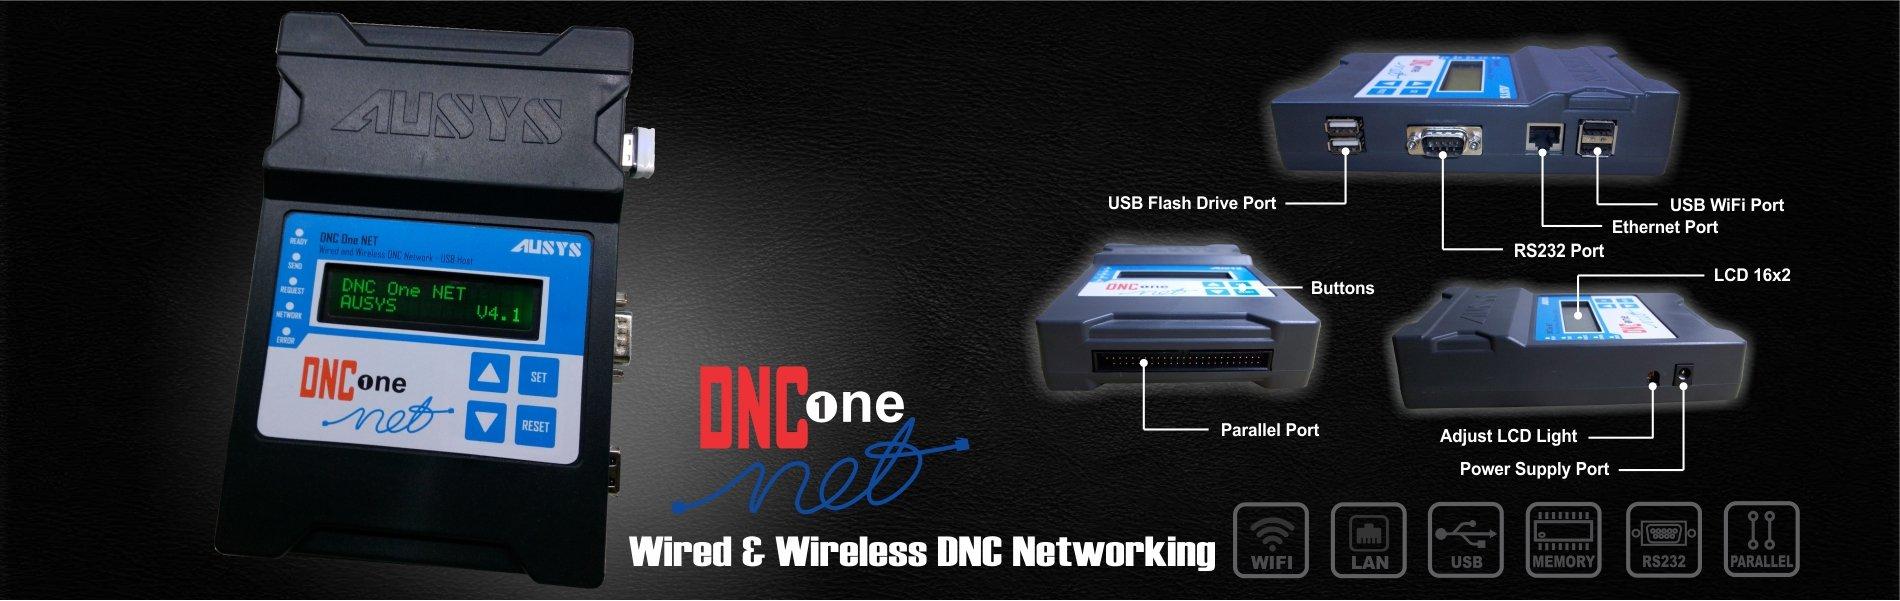 DNC One NET _ EN